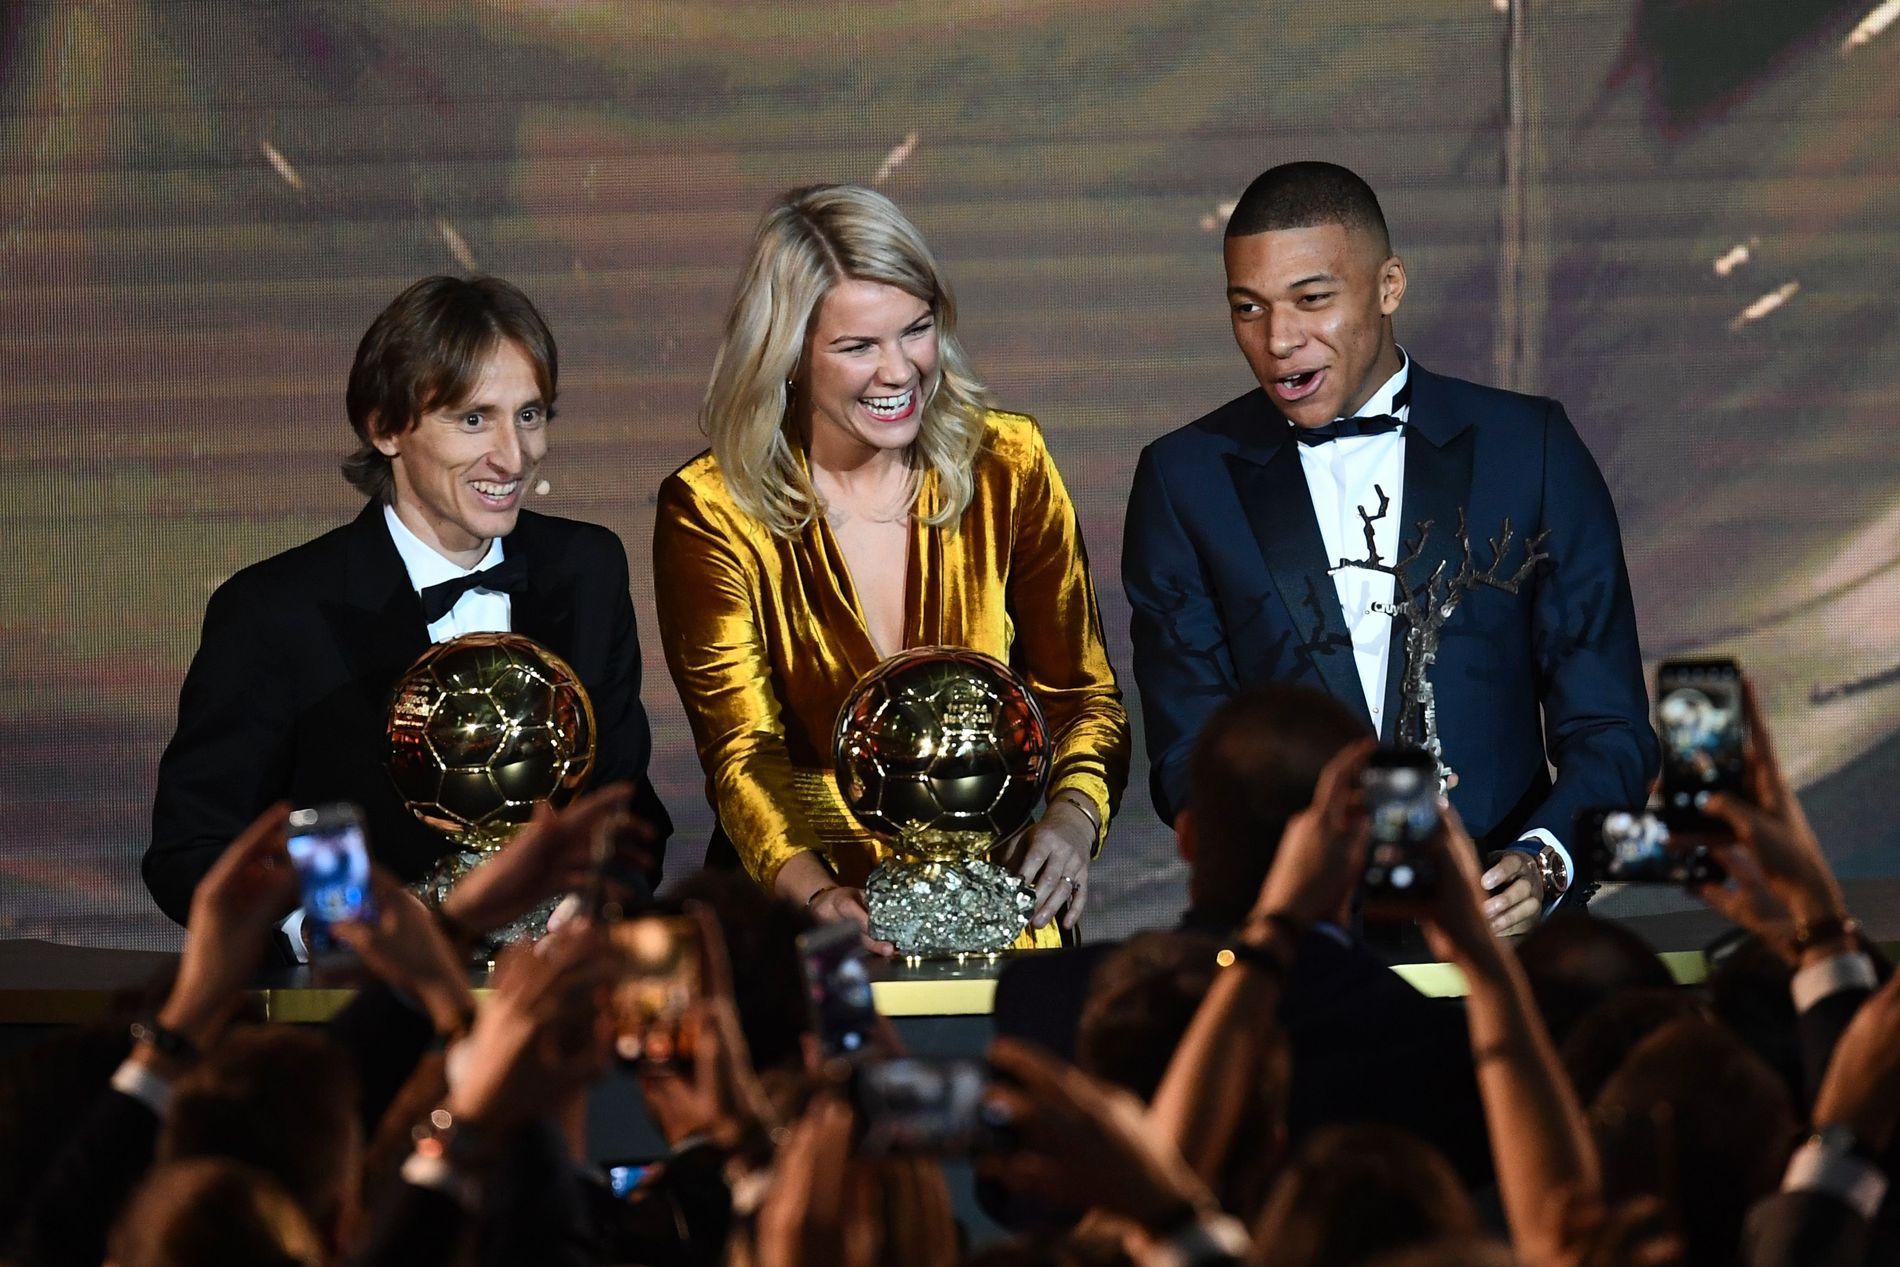 PRISVINNERE: Luka Modric, Ada Hegerberg og Kylian Mbappé stakk av med de tre prisene under Ballon d'Or-gallaen i Paris.